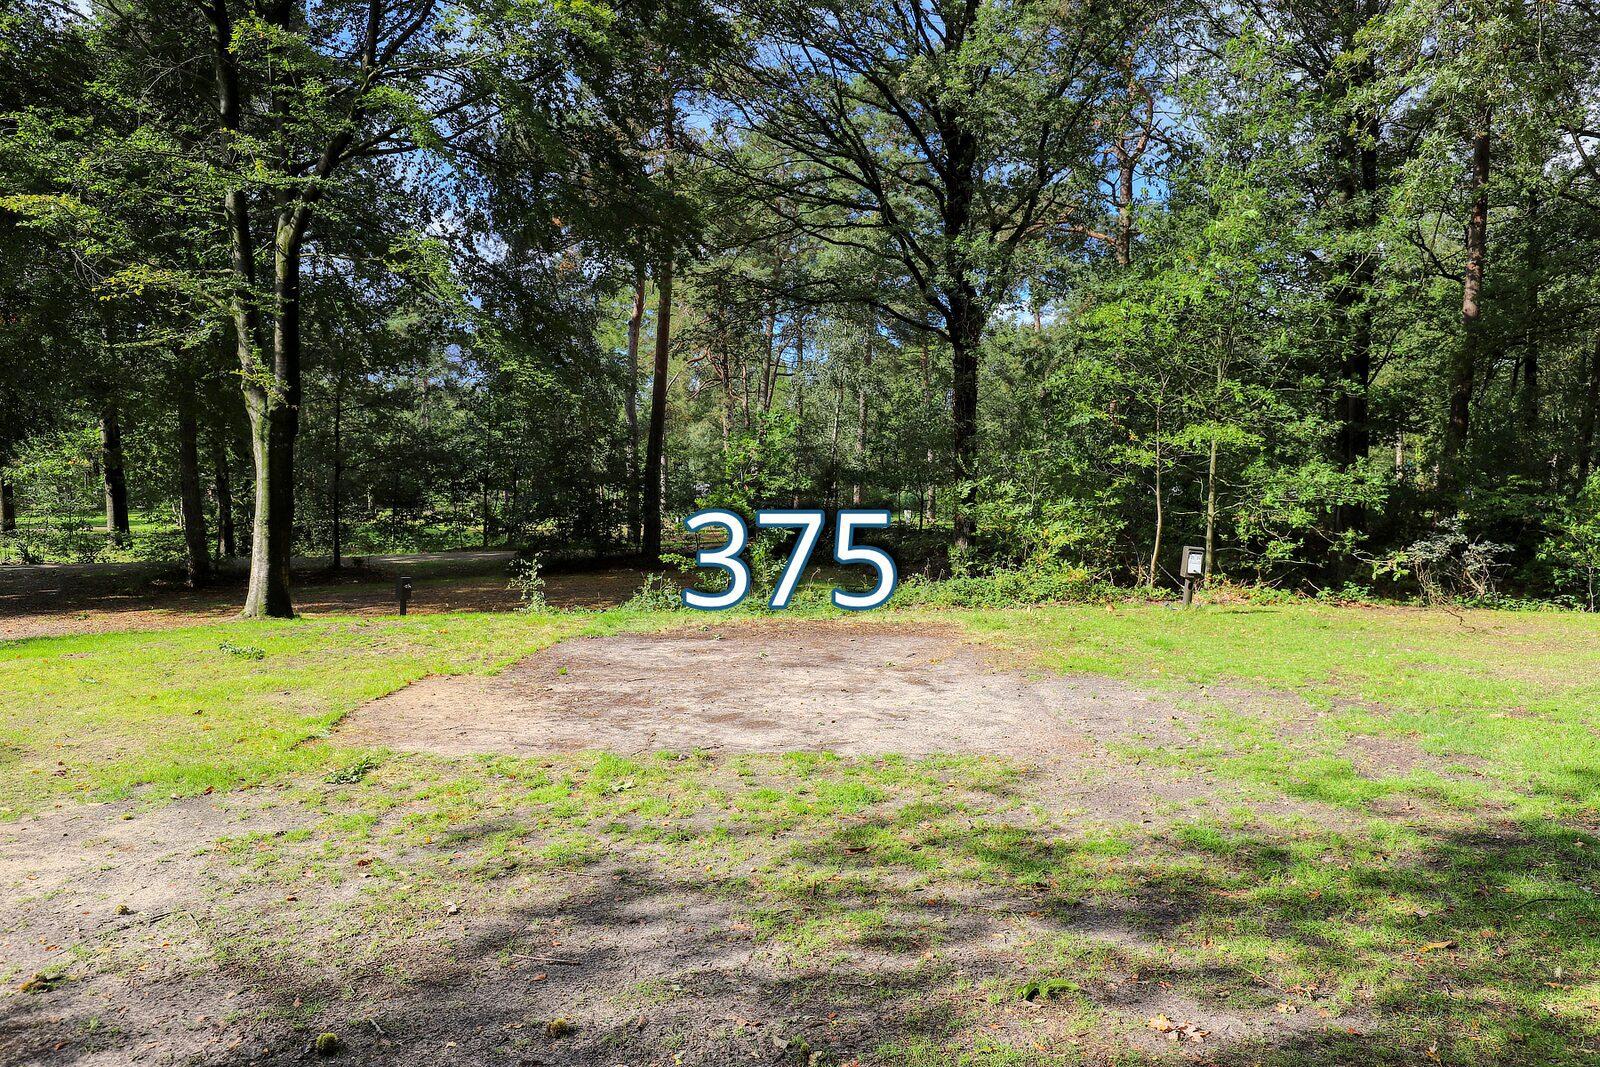 houtduif 375